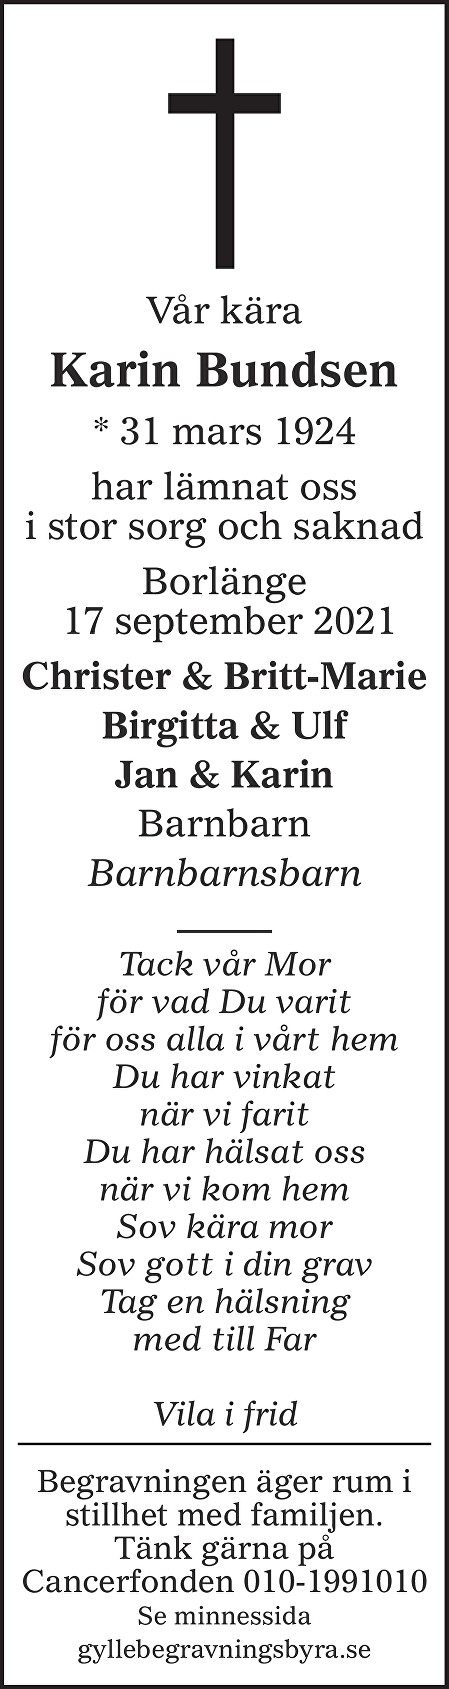 Karin Bundsen Death notice